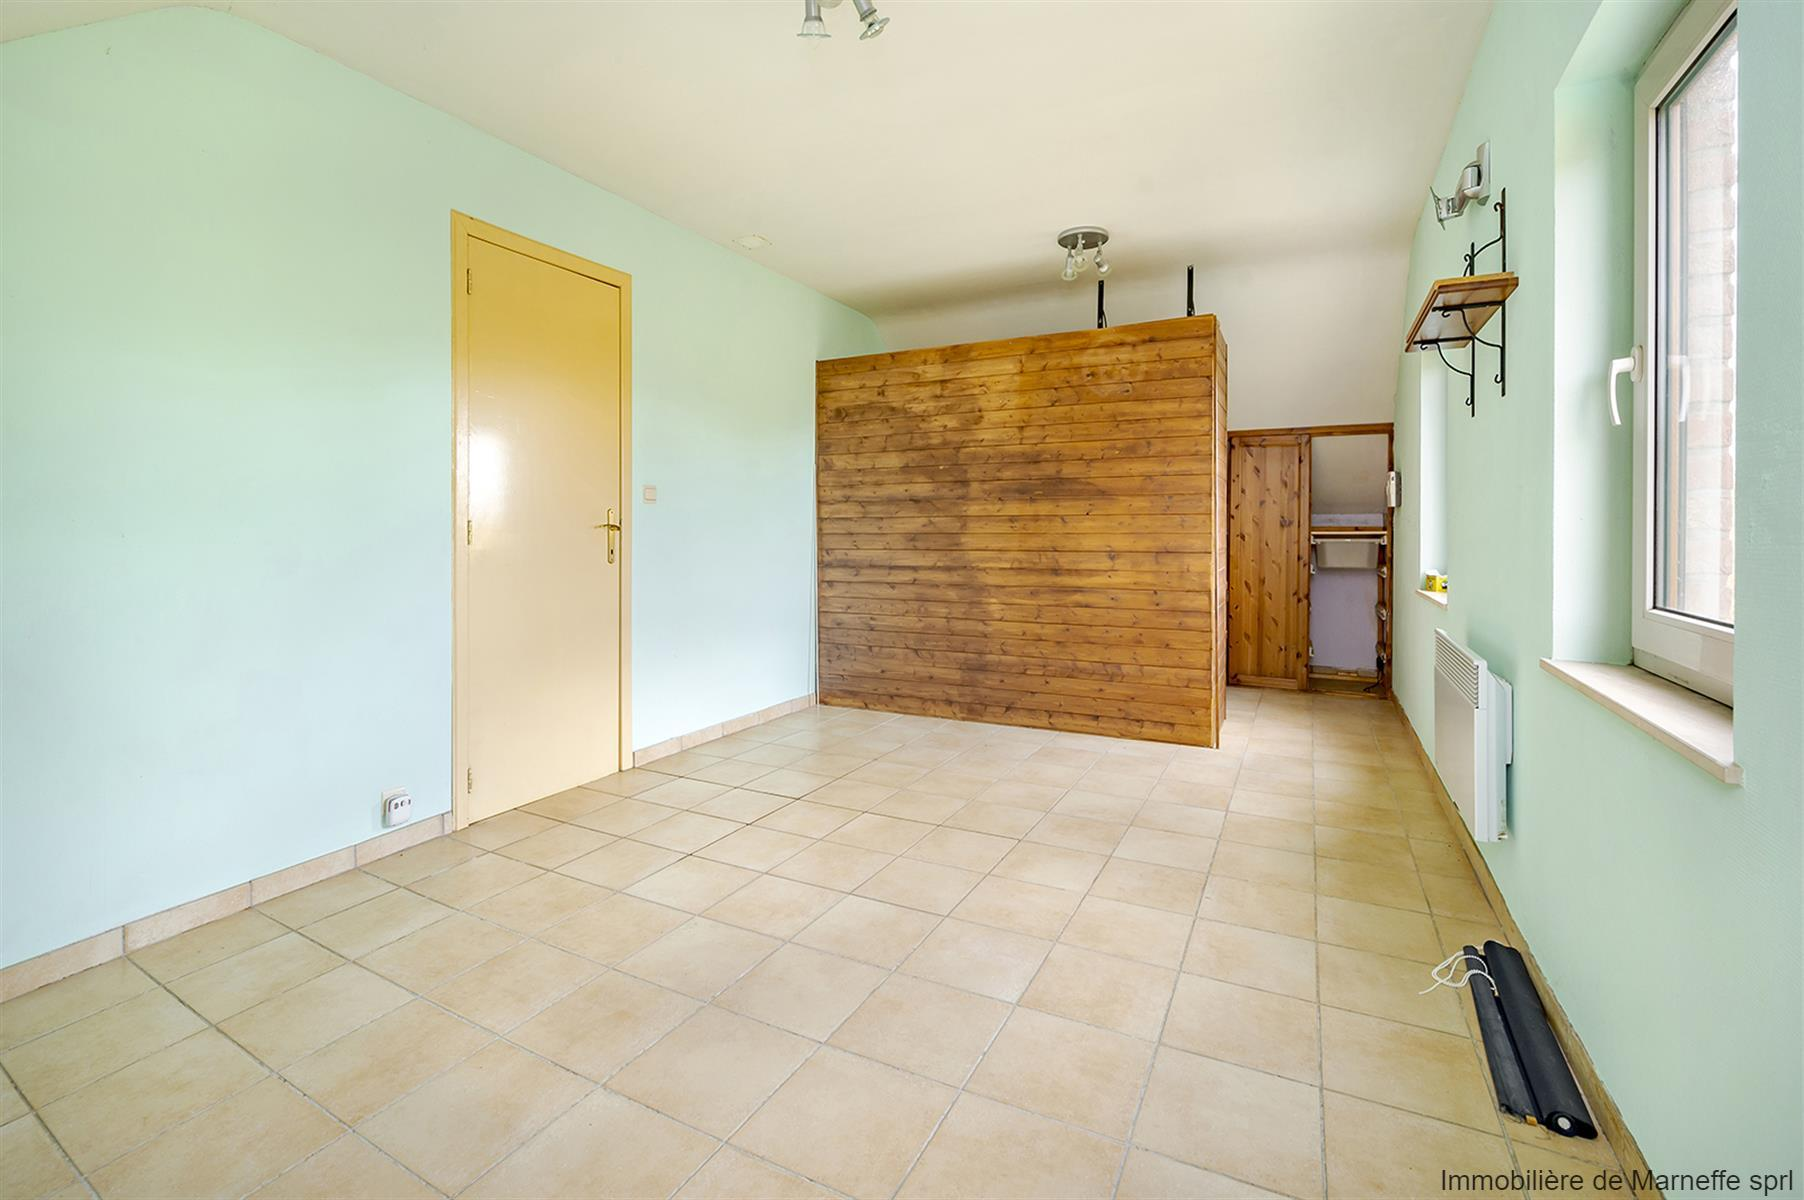 Maison - Villers-le-Bouillet - #4191827-18